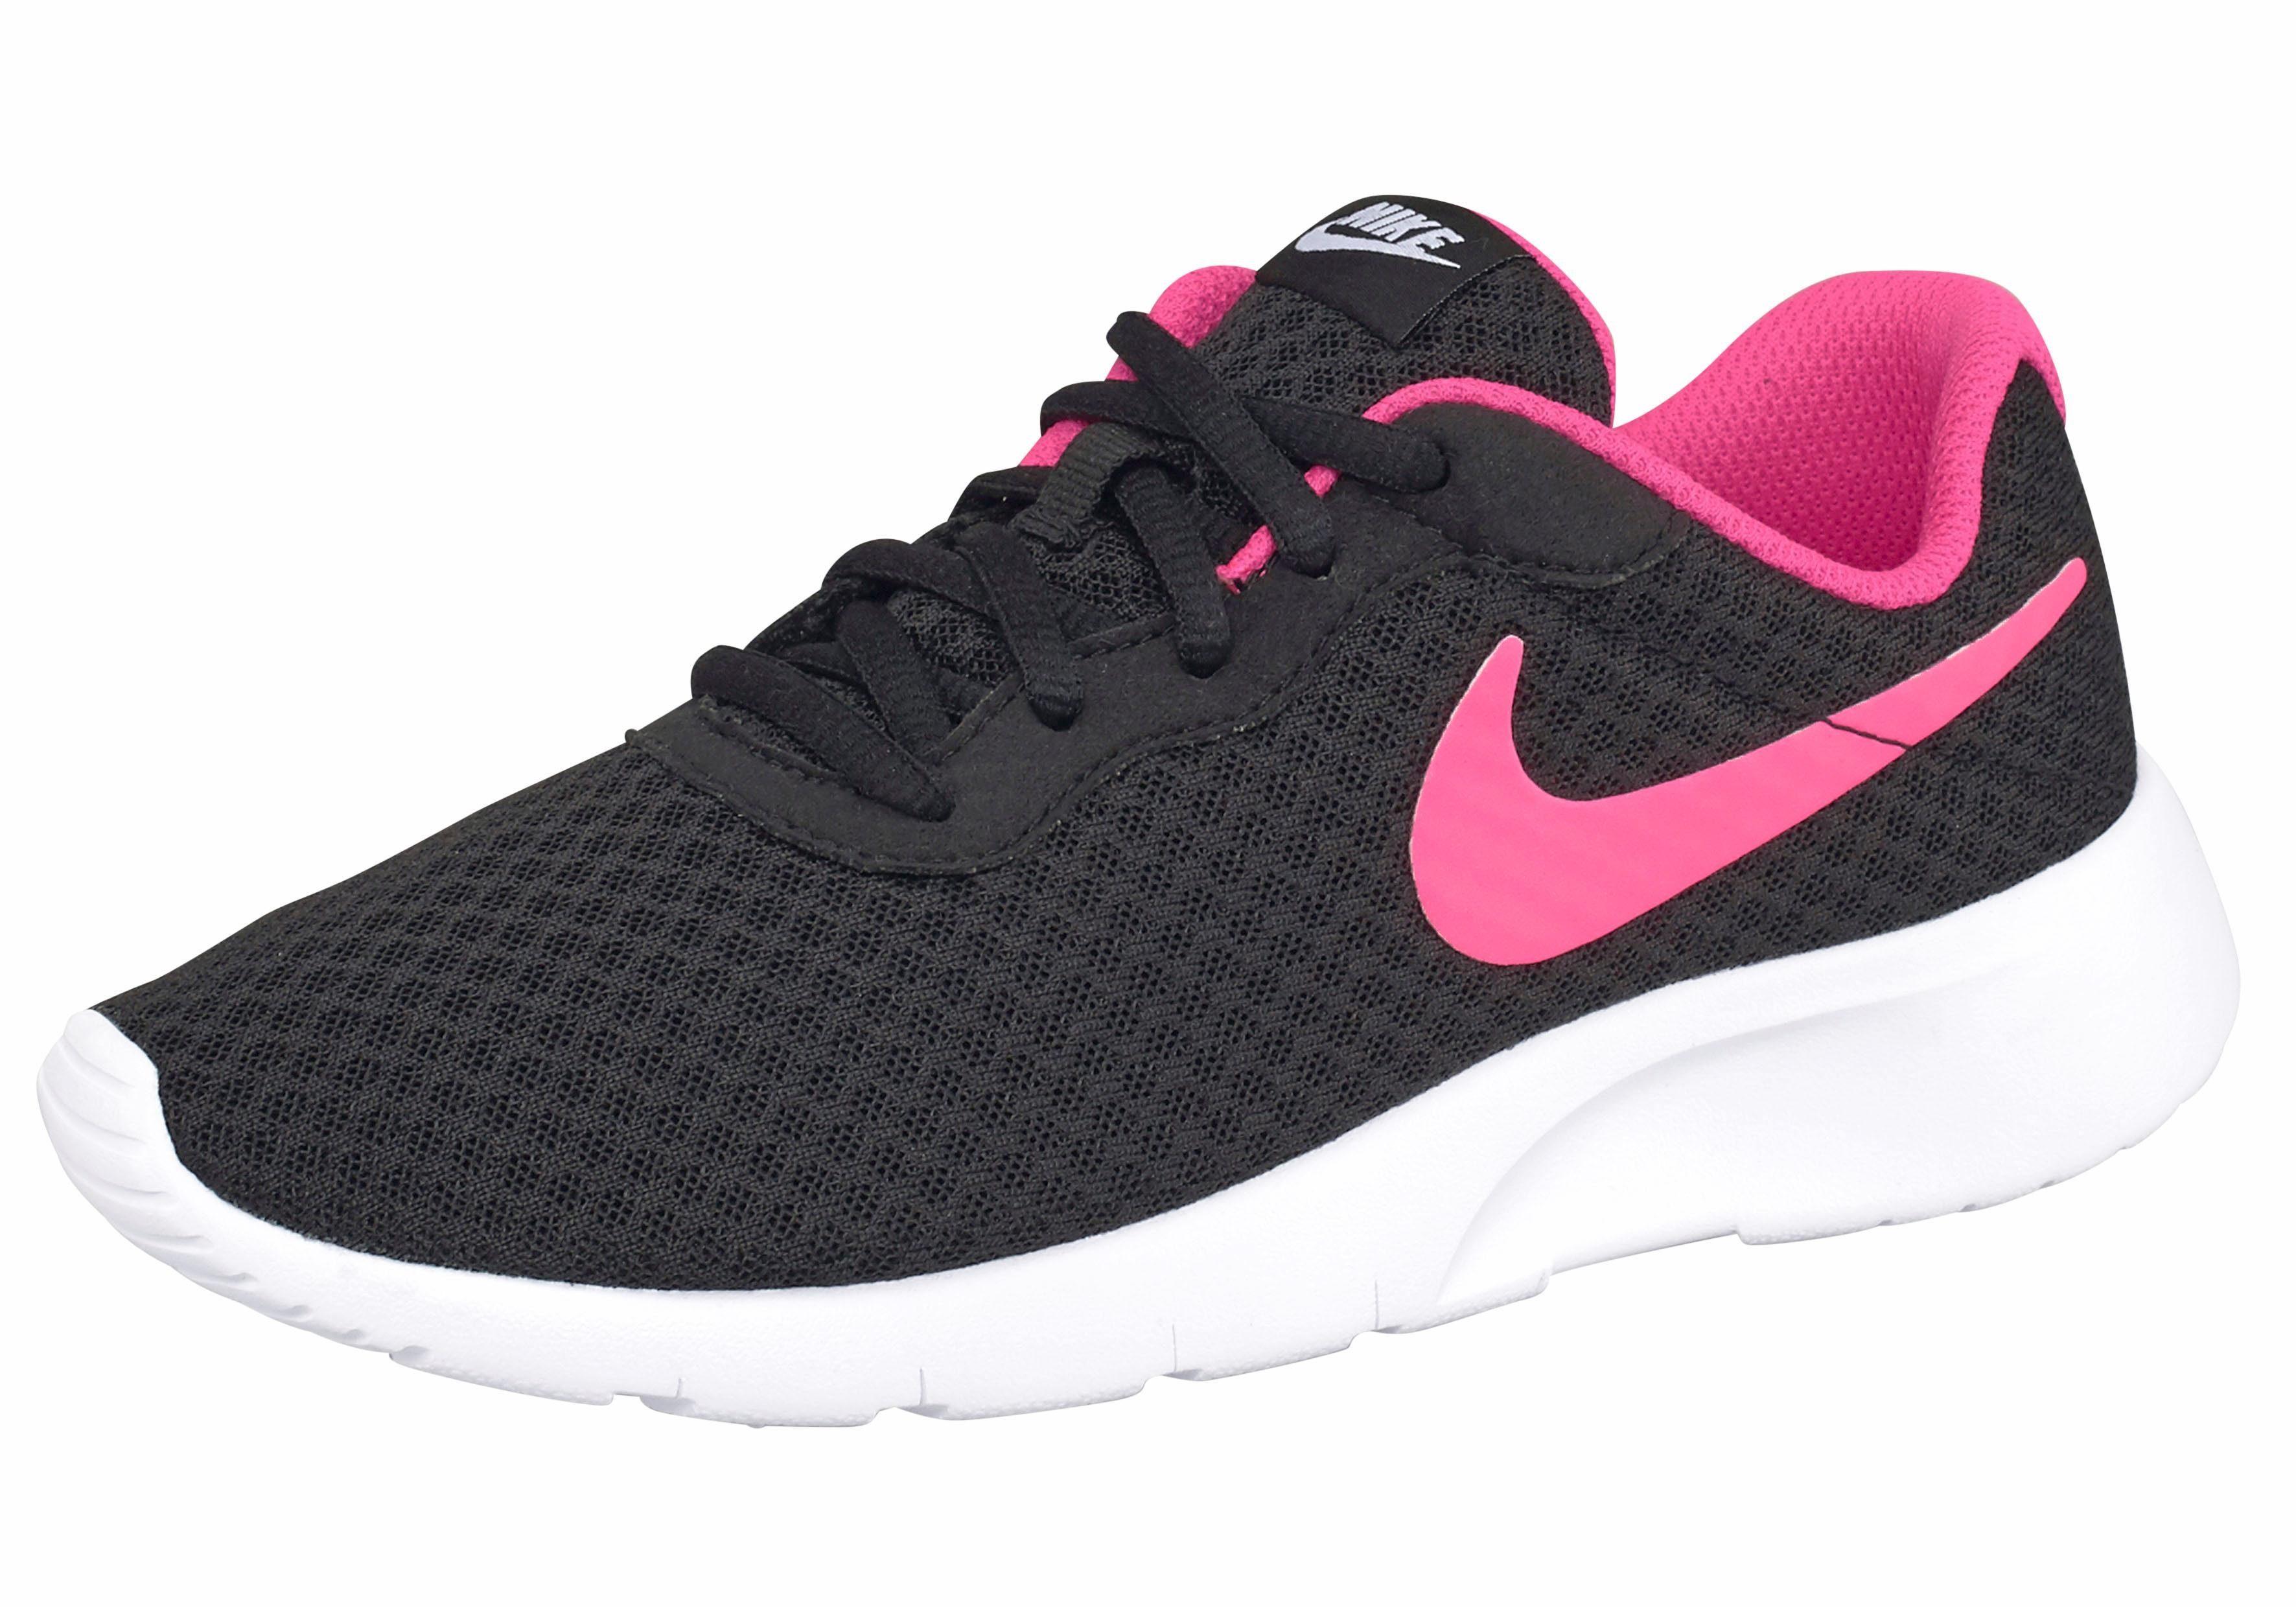 Nike Sportswear »Tanjun« Sneaker, Gute Dämpfung für mehr Tragekomfort online kaufen | OTTO